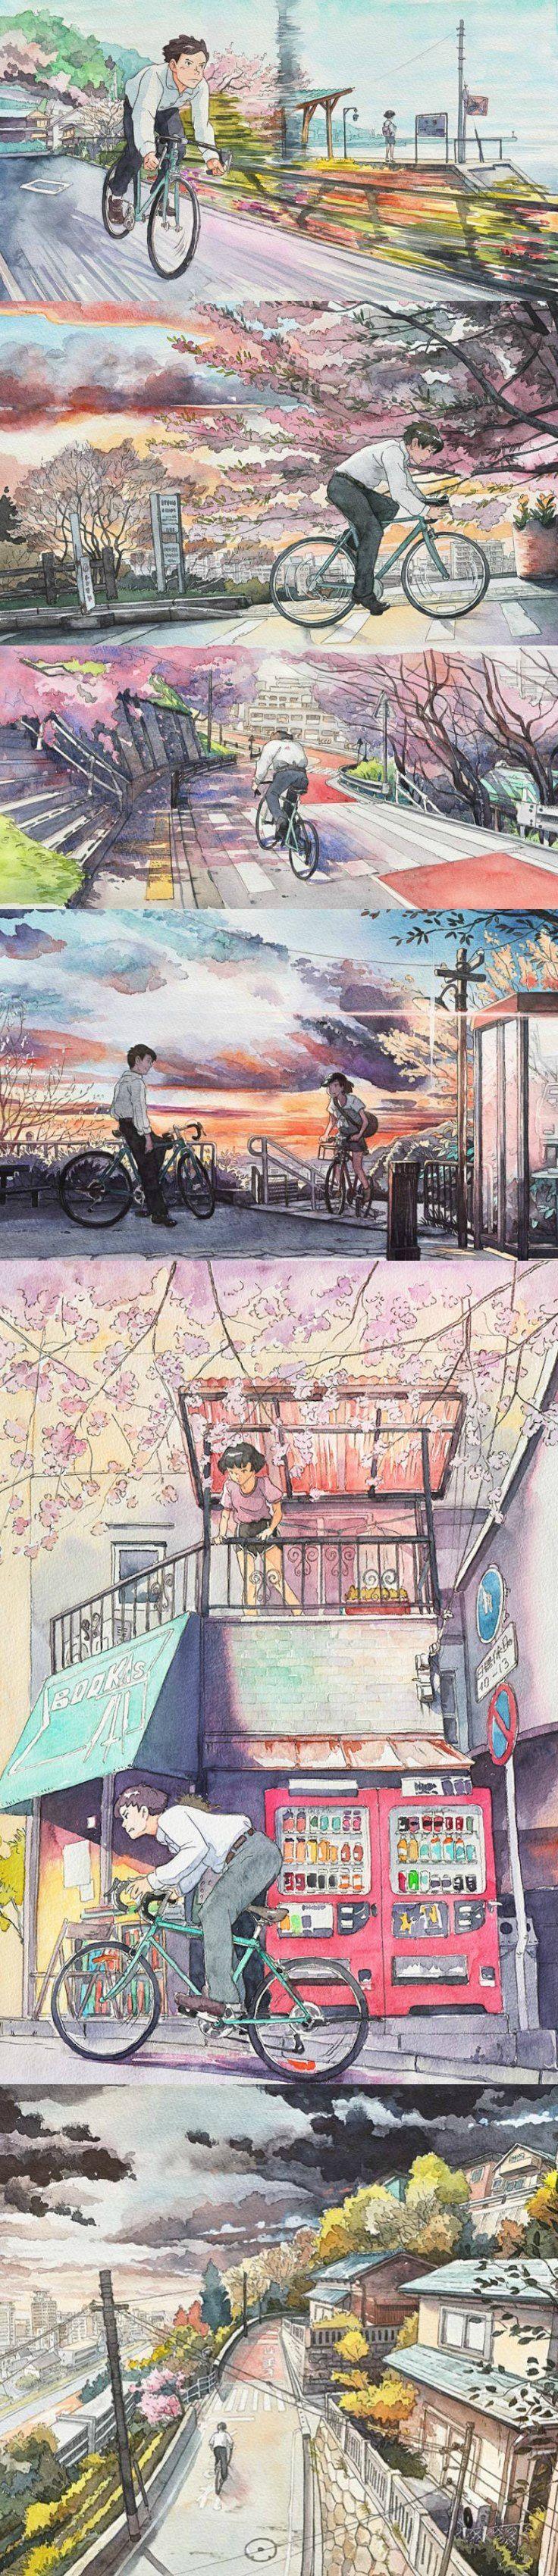 Mateusz Urbanowicz-Studio Ghibli